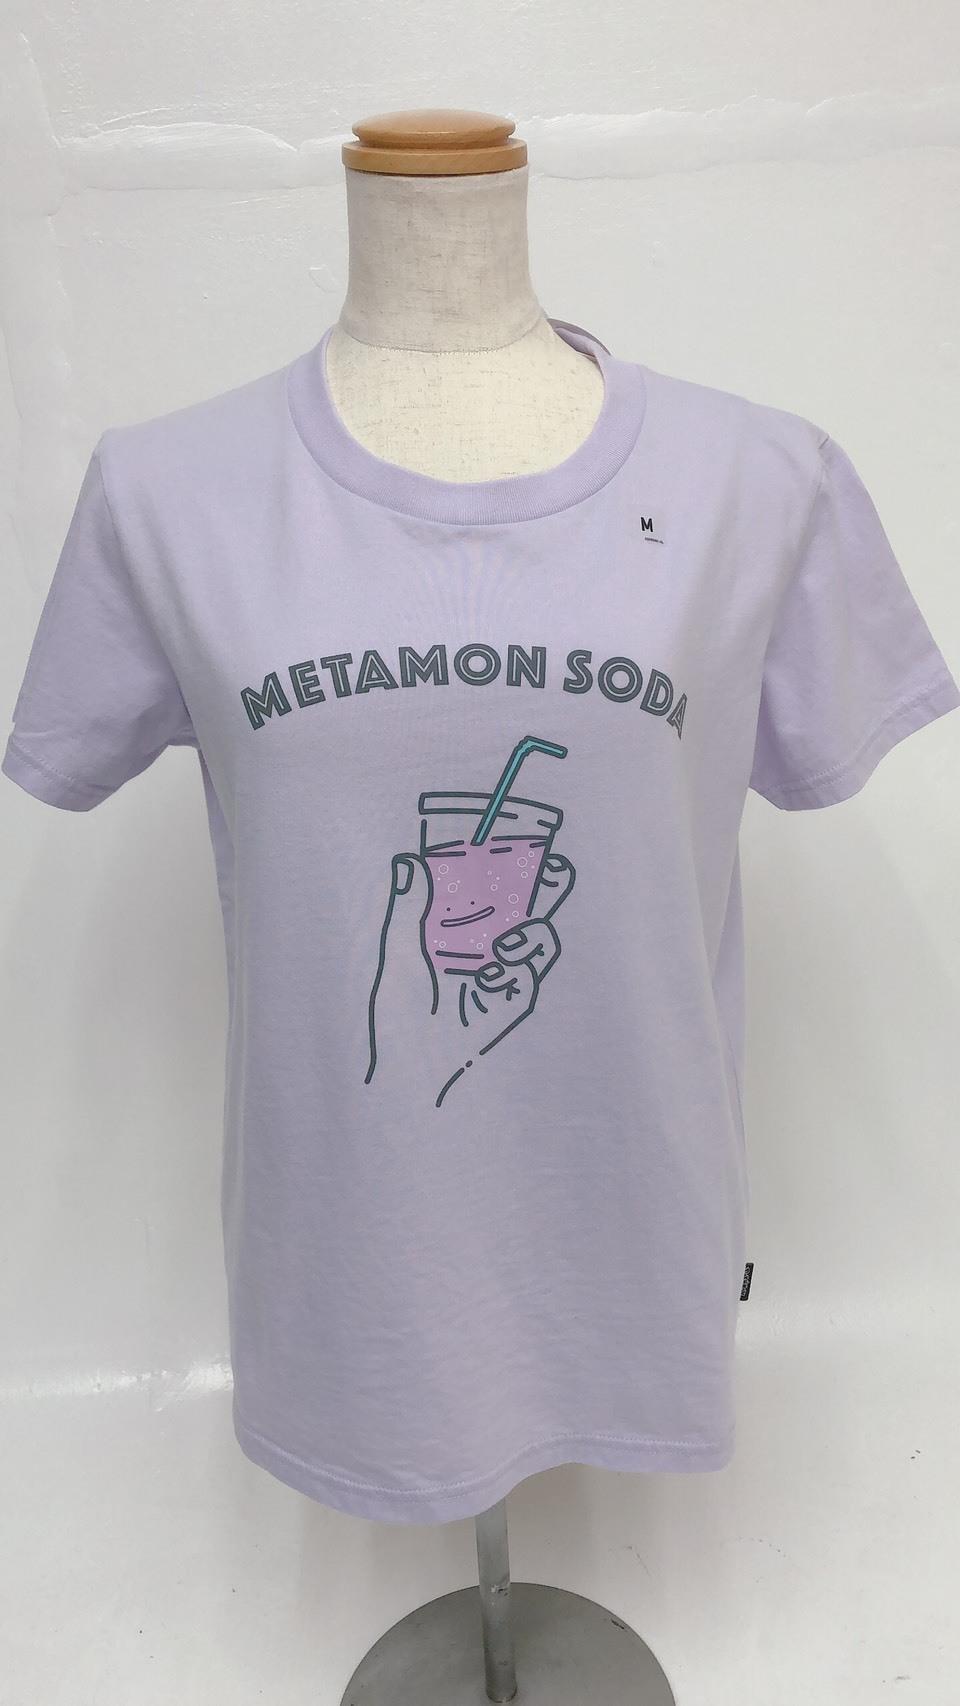 [アウトレット/未使用]ユニクロ ポケモンTシャツ (メタモンソーダ)